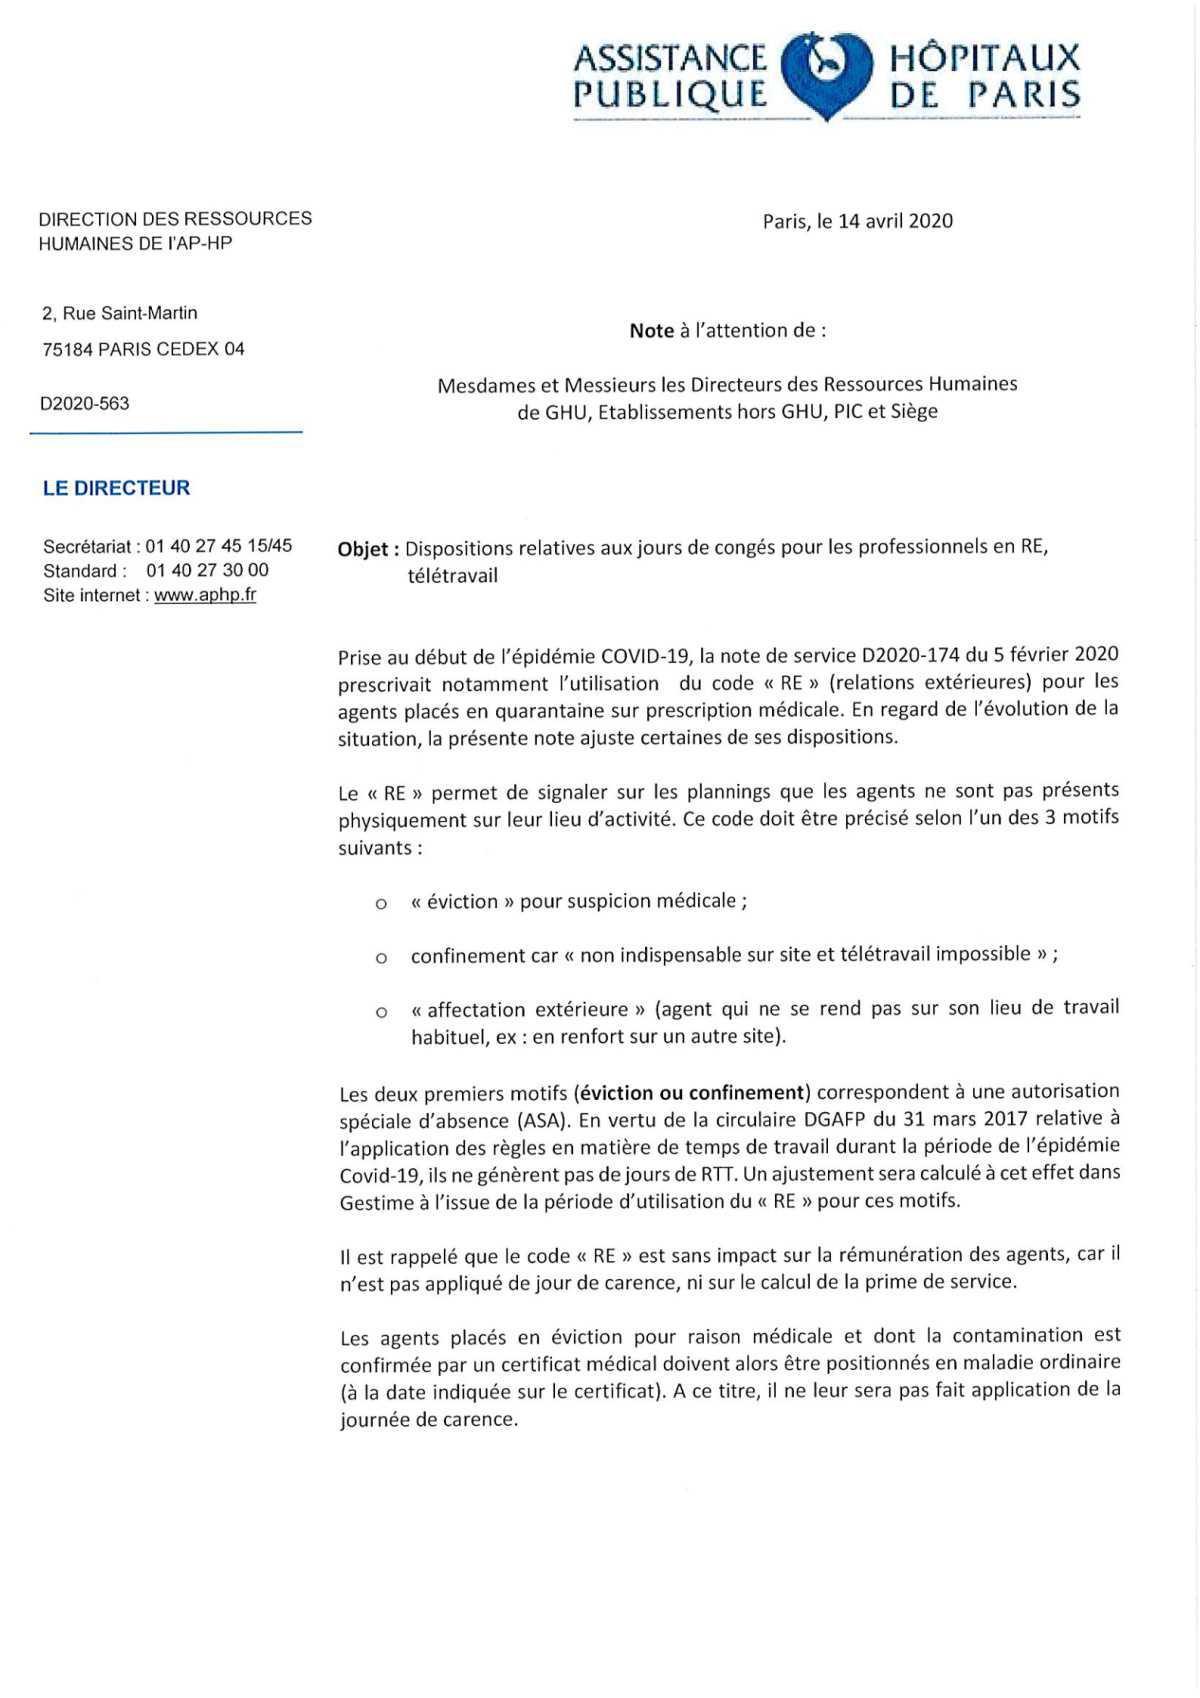 D2020-563 - Dispositions relatives aux jours de congés pour les professionnels en RE, télétravail